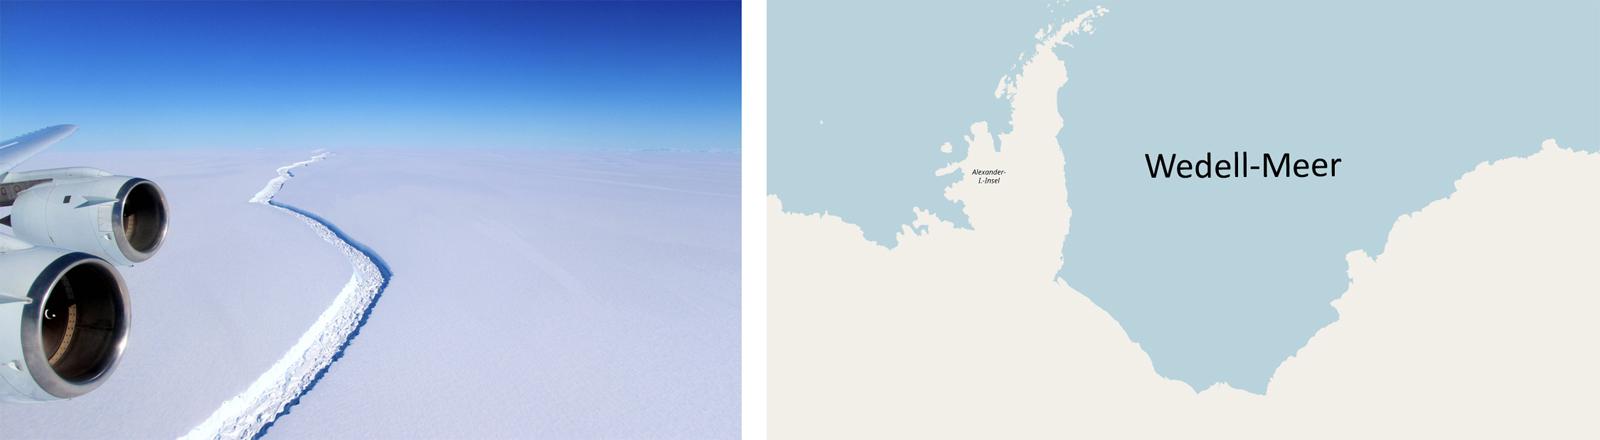 Rund 2,8 Millionen Quadratkilometer groß: das Wedell-Meer in der Antarktis